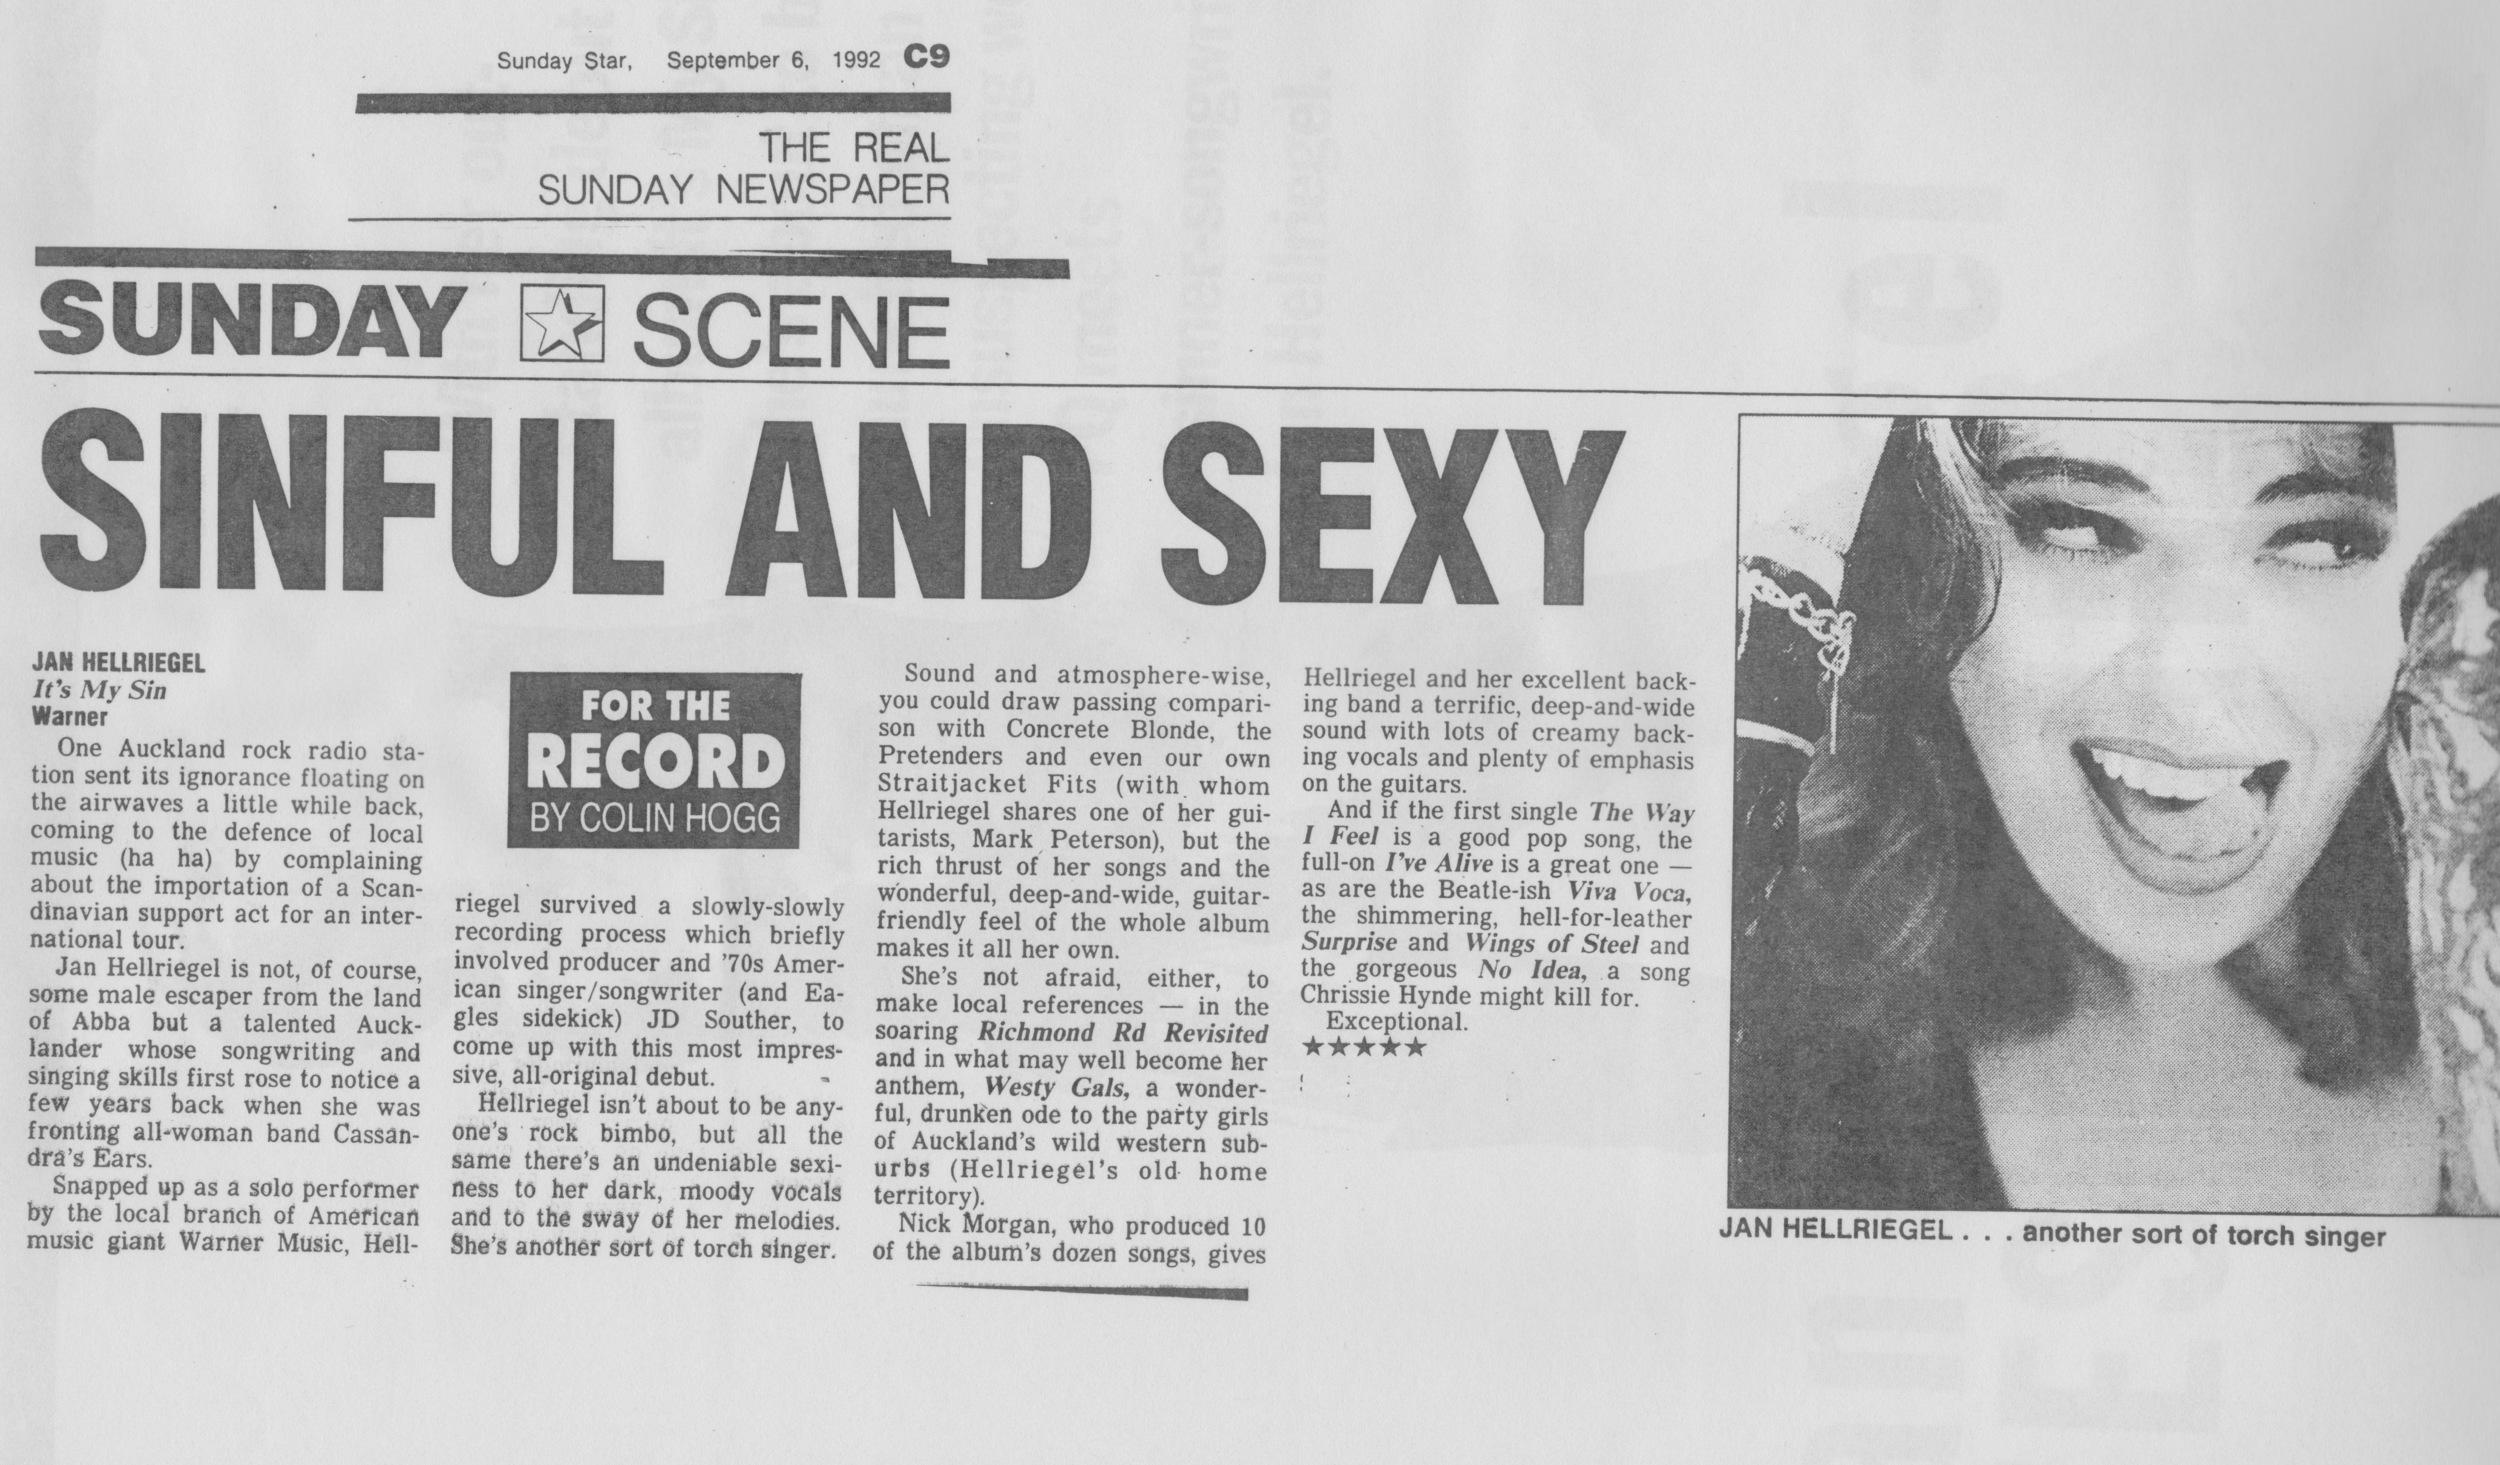 Sunday Star - September 1992